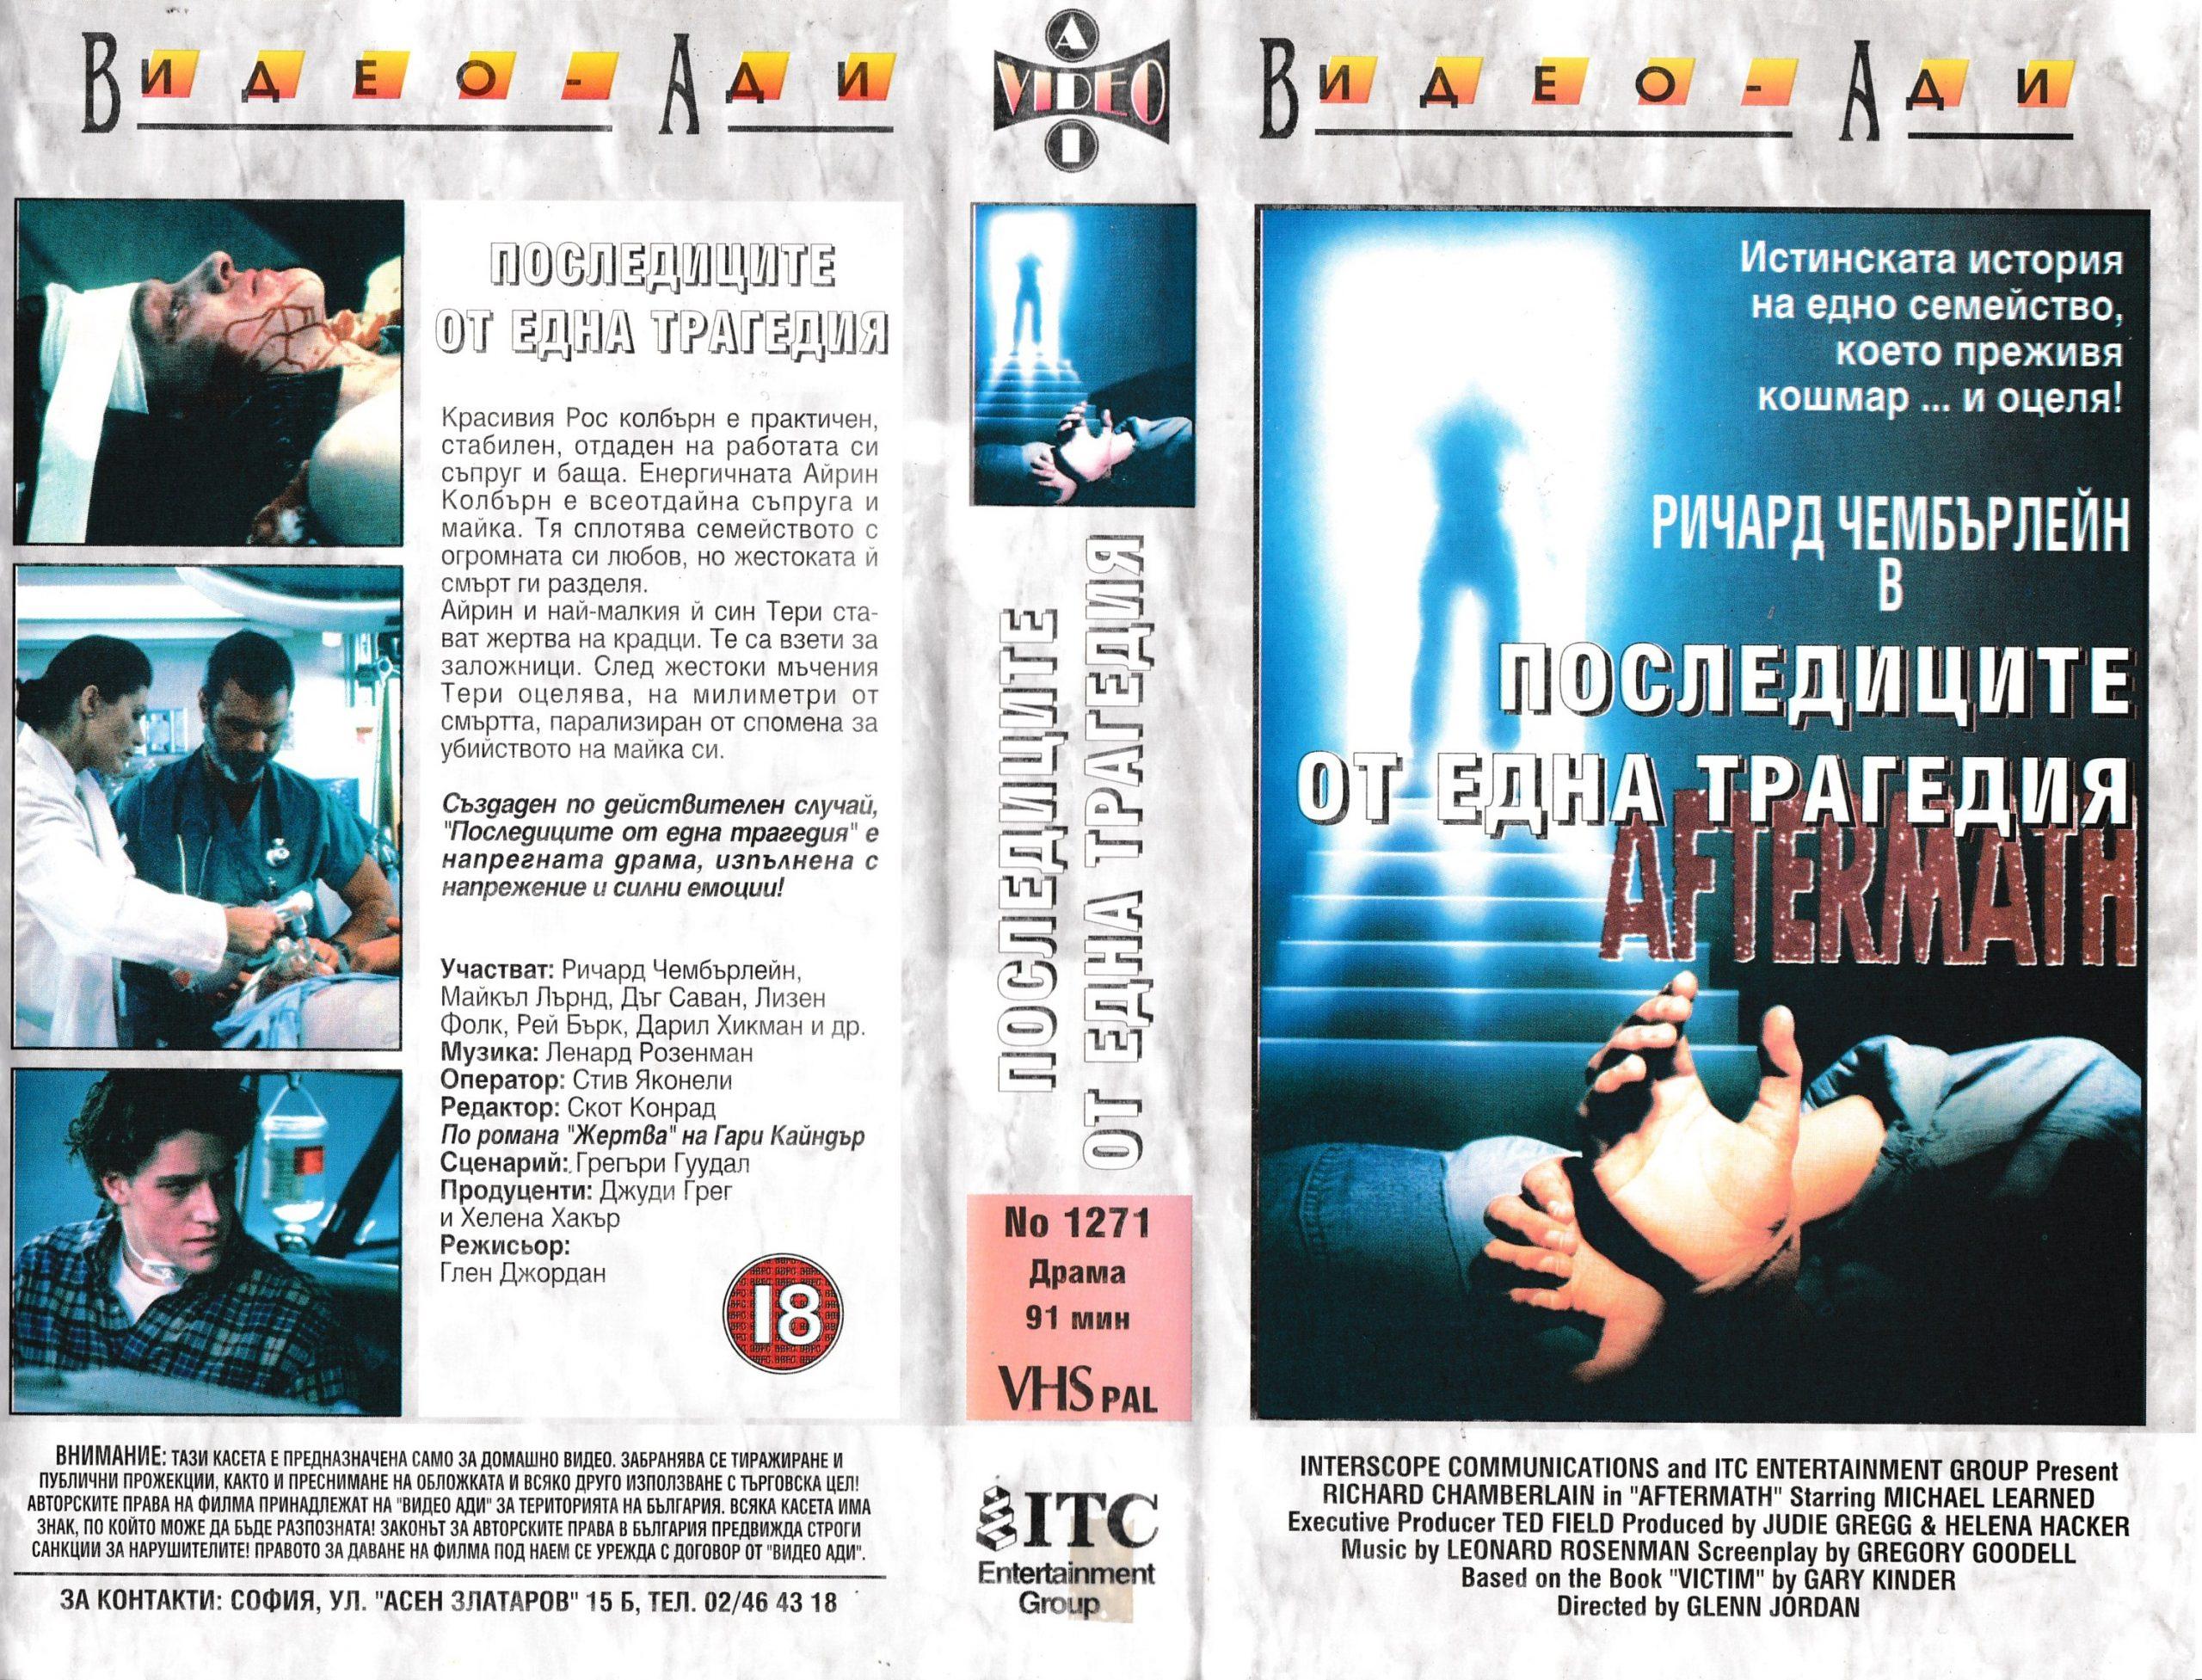 Последиците от една трагедия филм